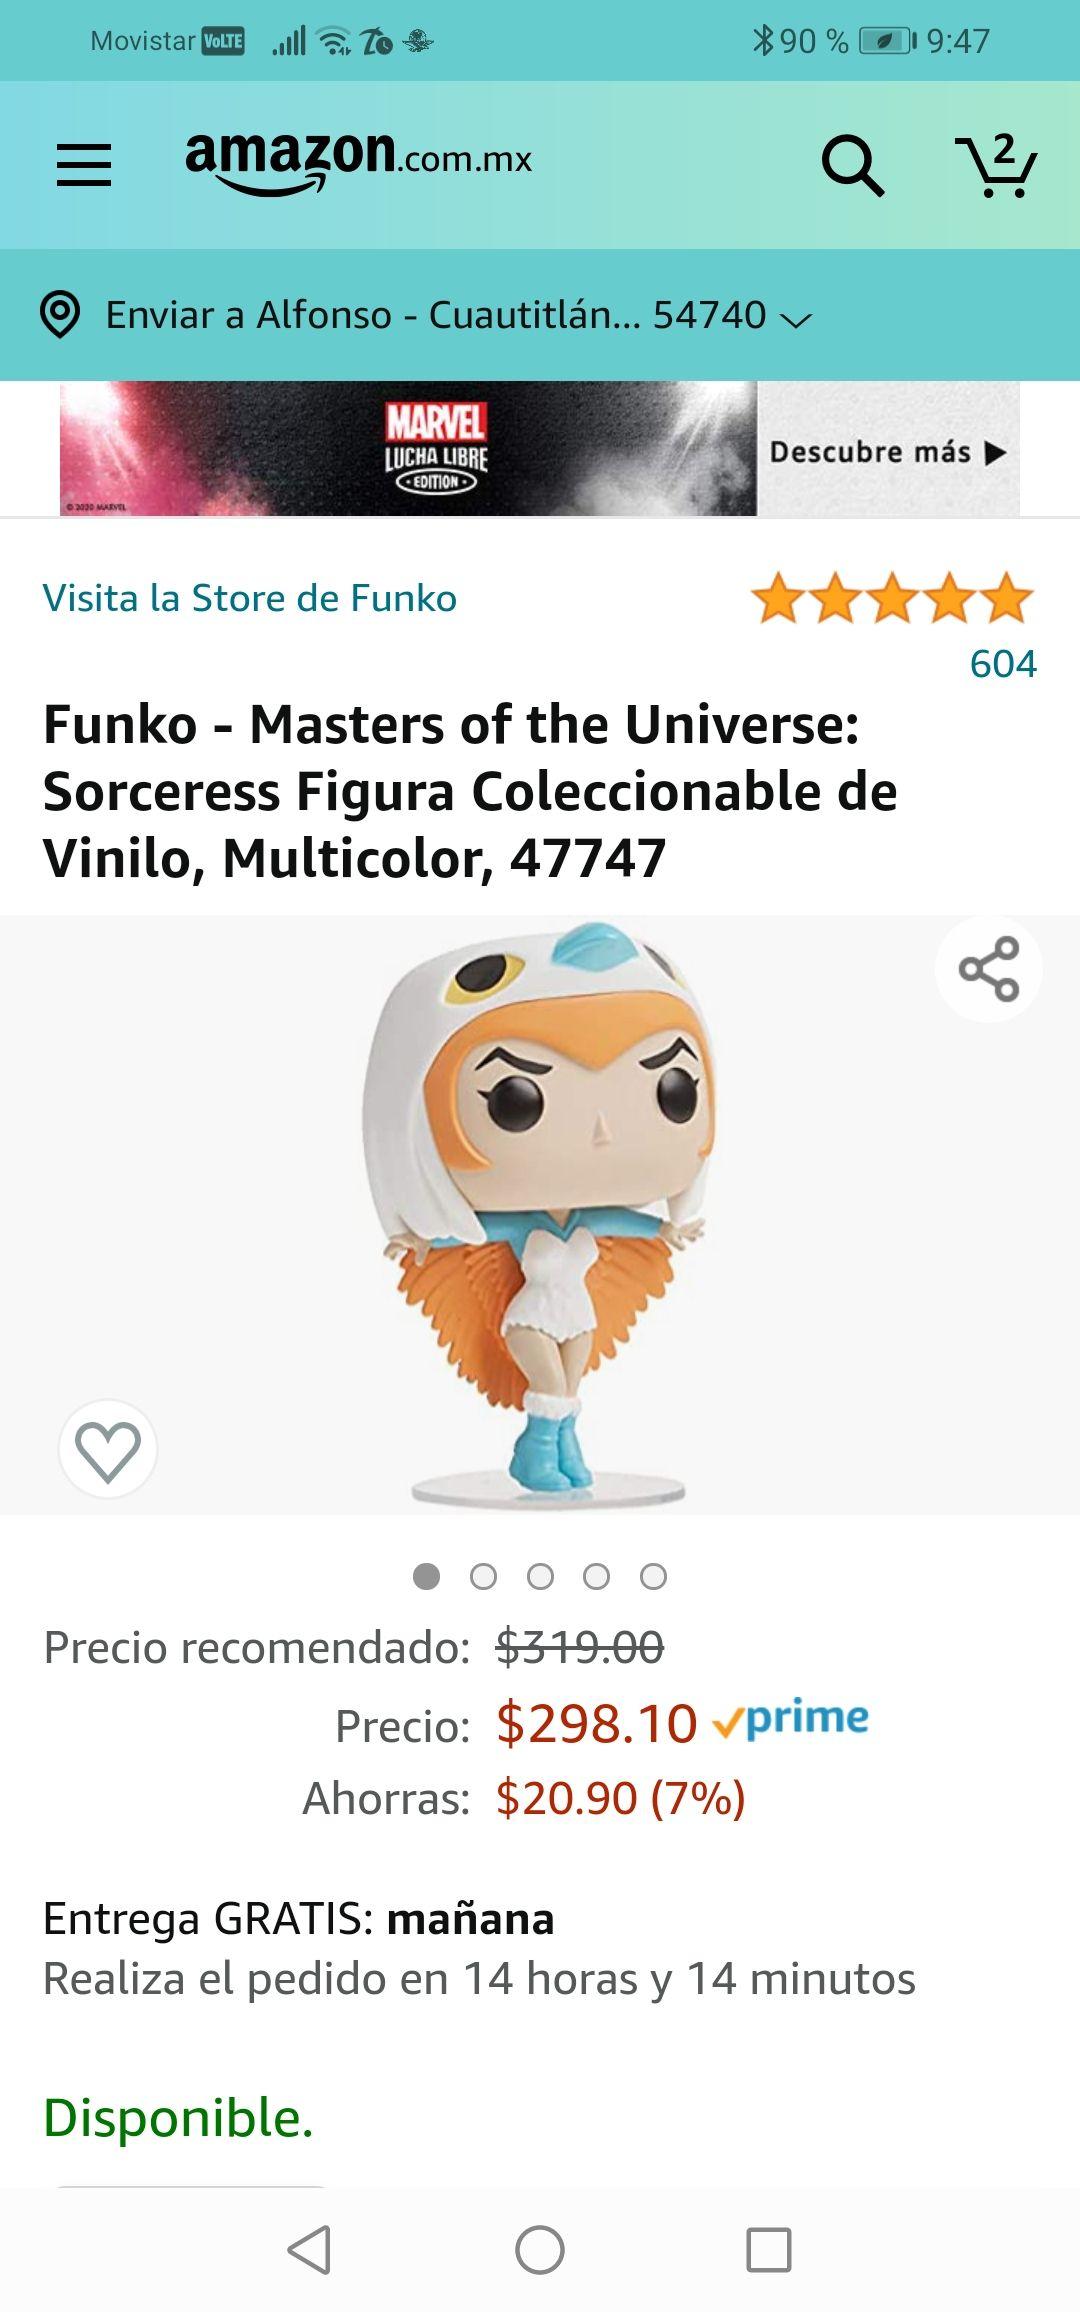 Amazon :Funko - Masters of the Universe: Sorceress Figura Coleccionable